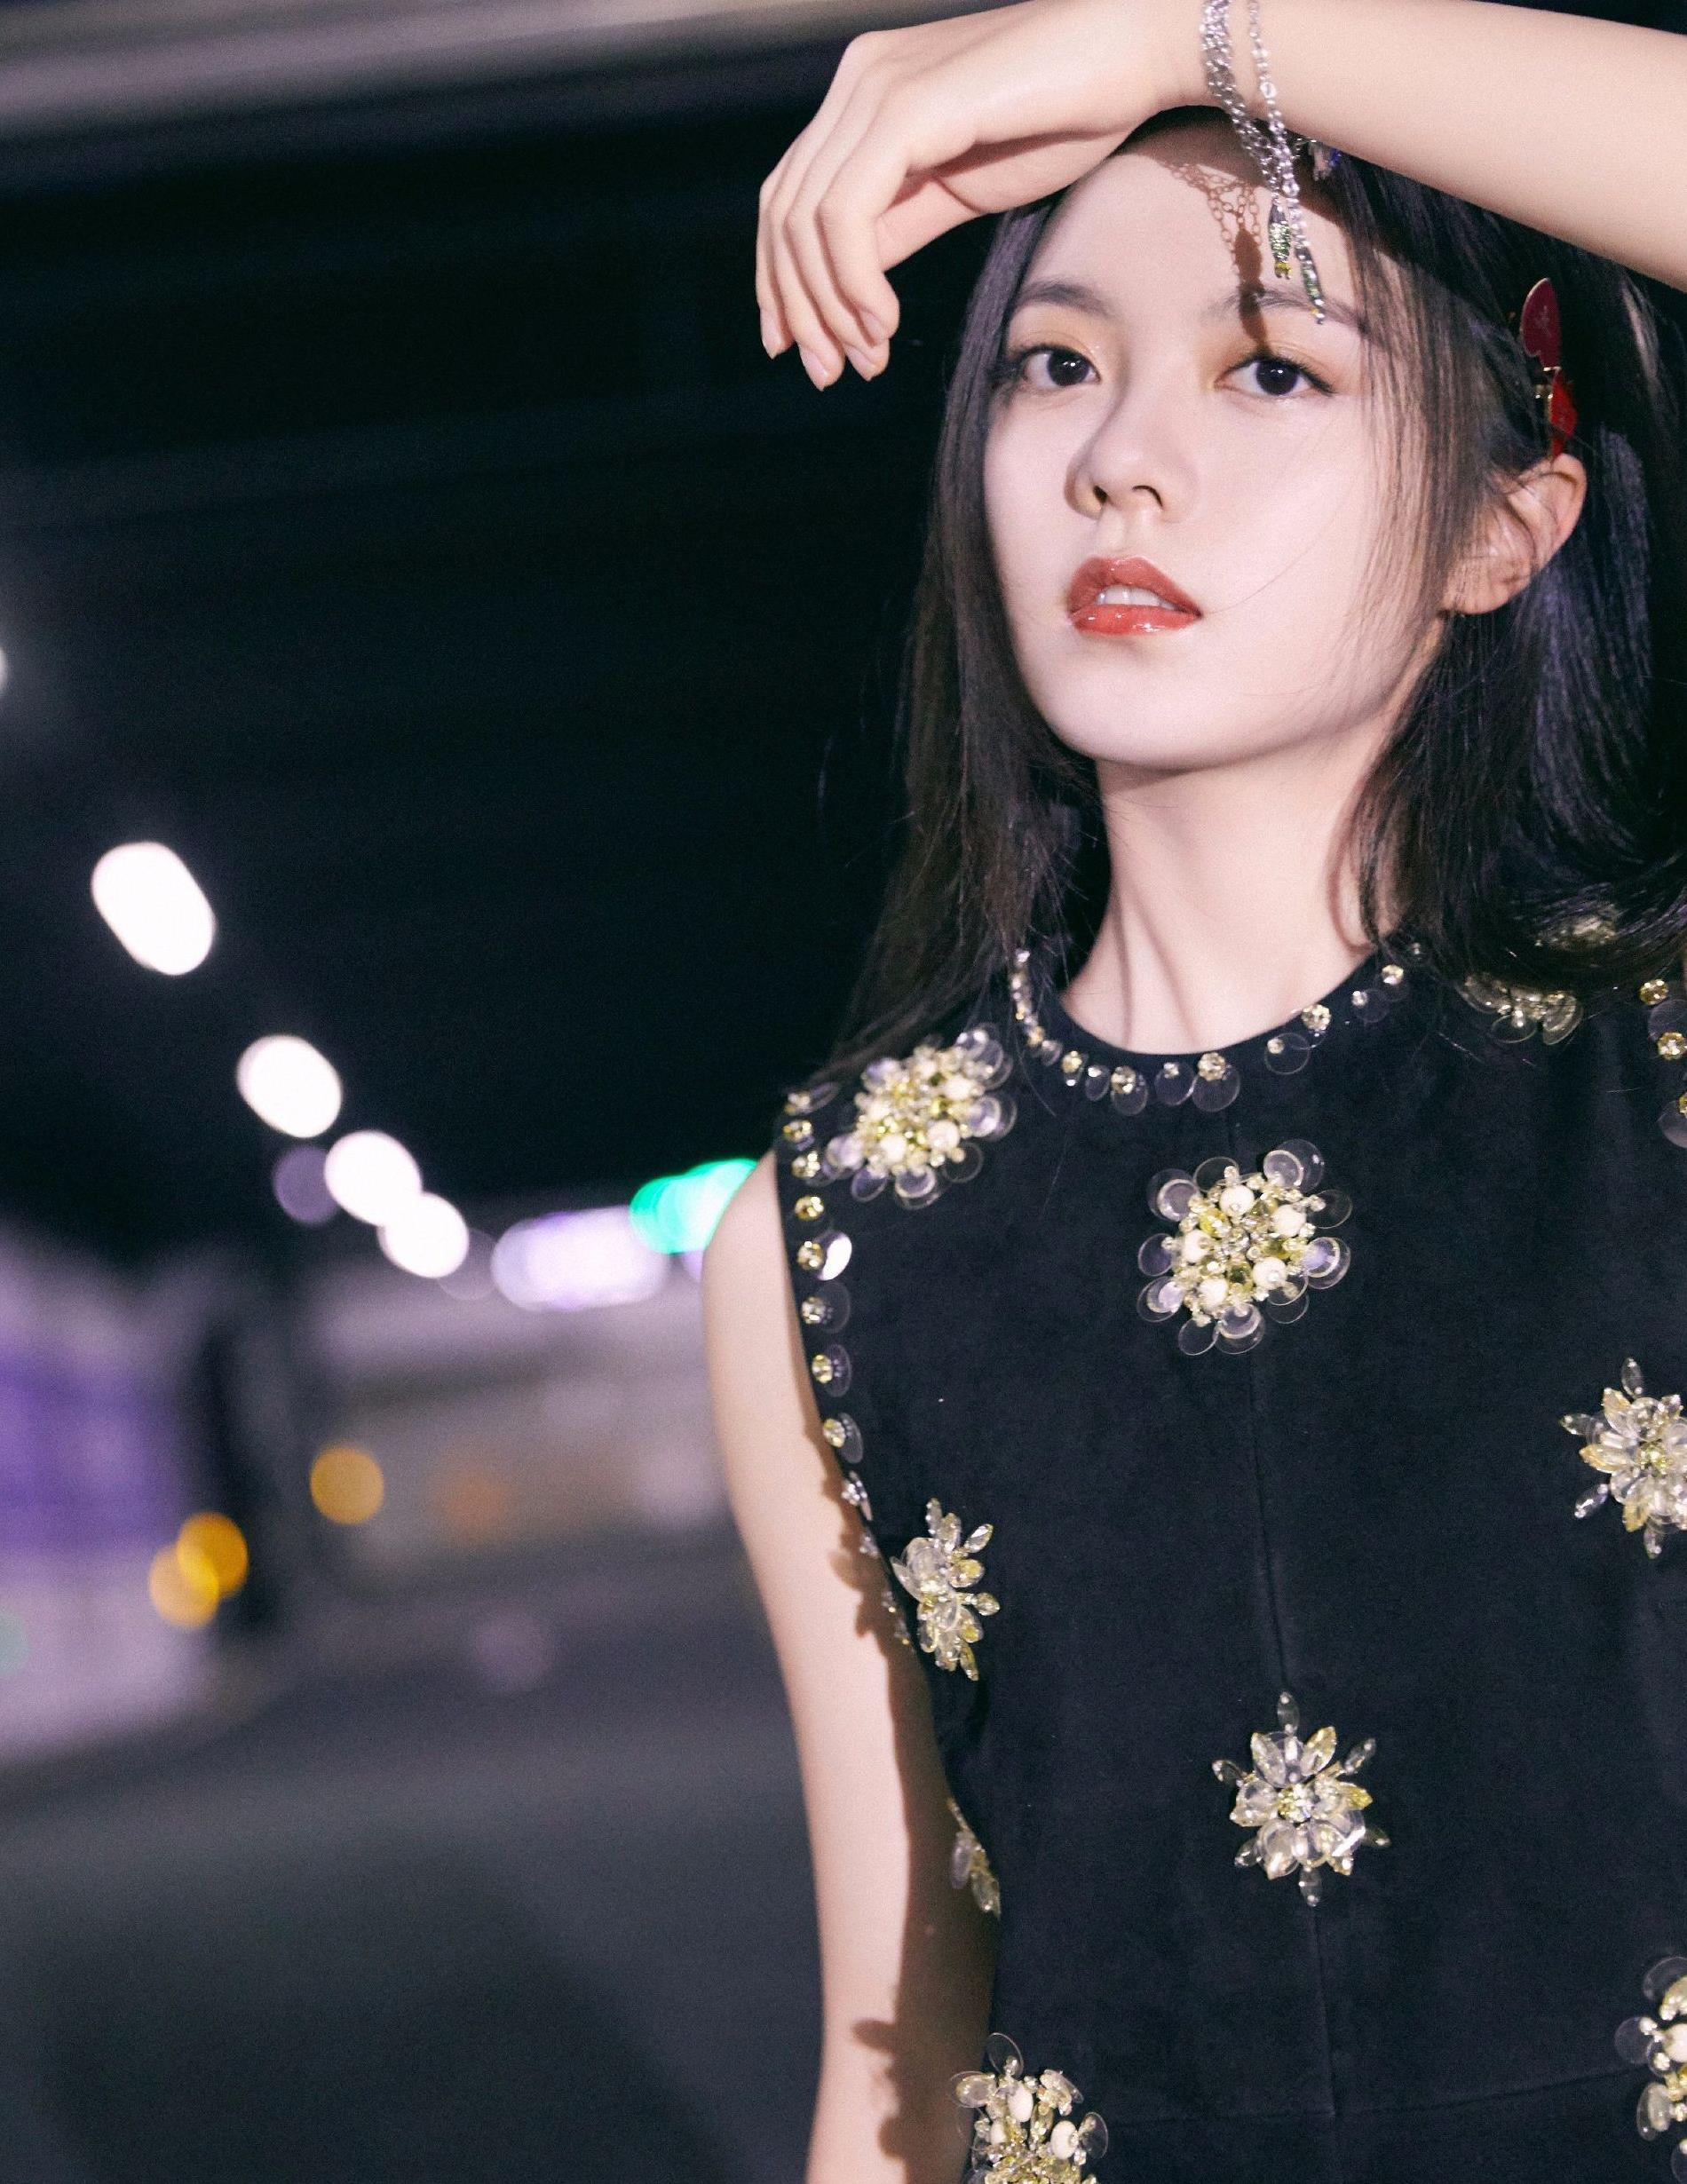 18岁女生初长成,赵今麦黑色亮钻无袖裙,秀出不一样的成熟感